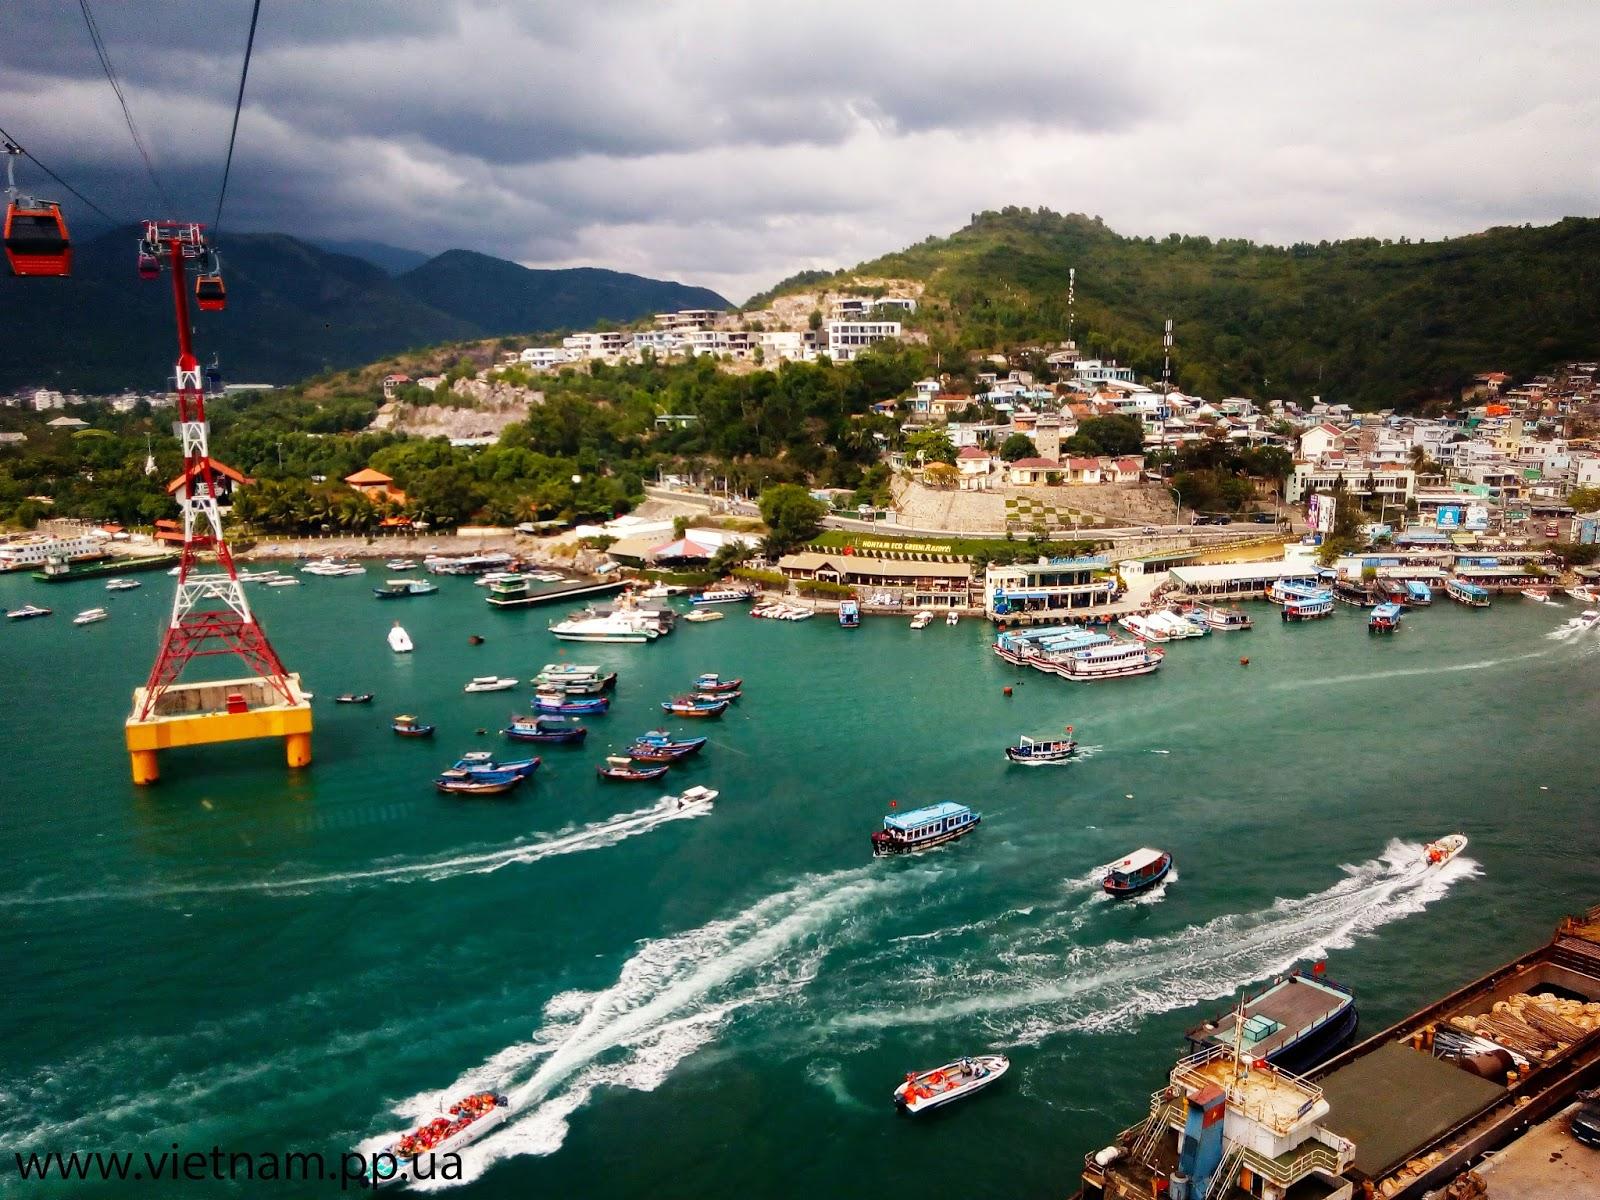 Вьетнам Нячанг остров развлечений